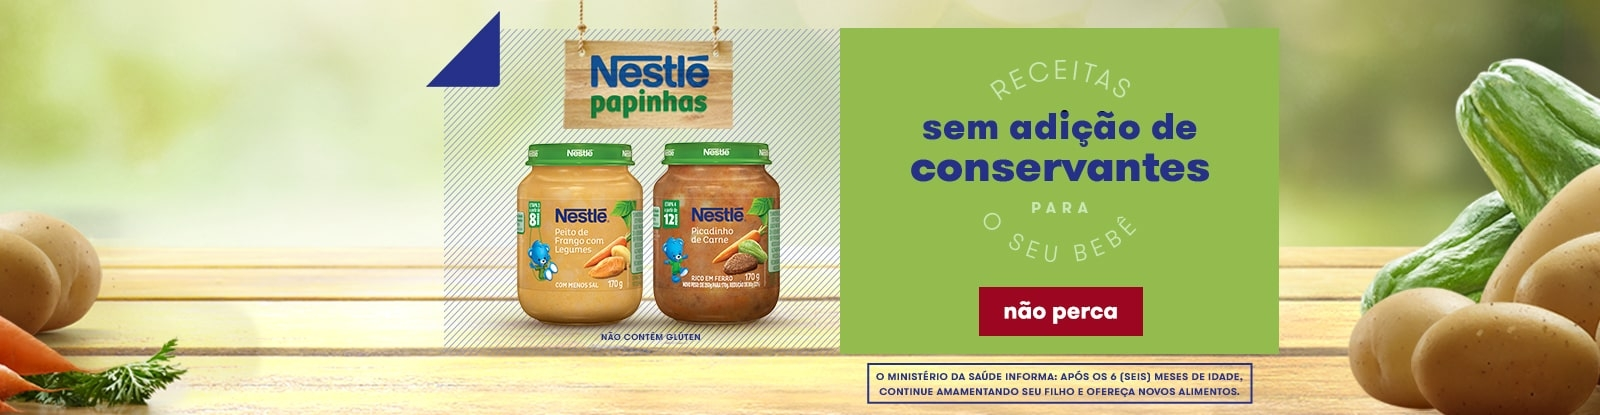 Papinha Nestlé